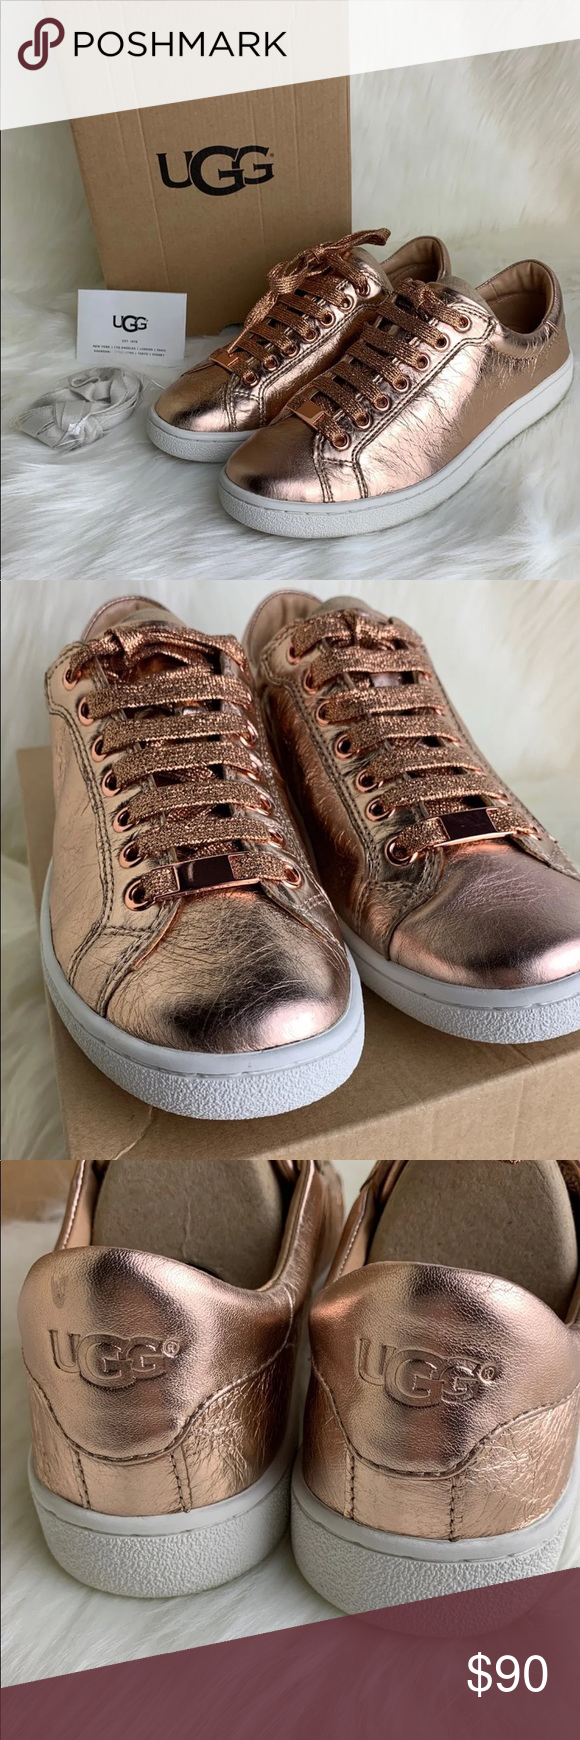 New UGG MILO METALLIC Sneakers 7